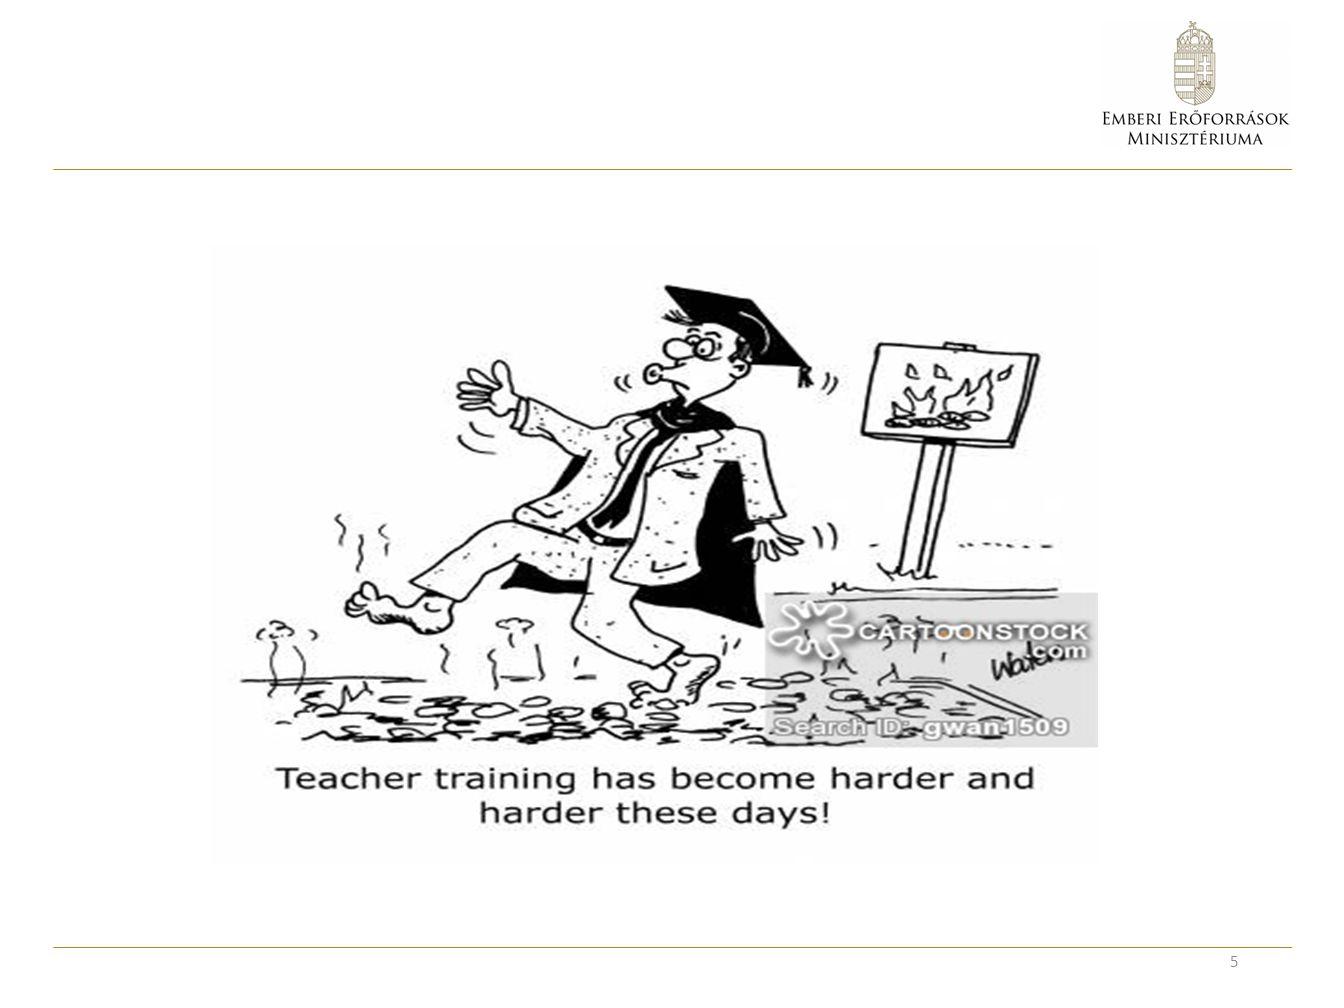 Változtatási javaslatok az osztatlan tanárképzésben A szakmódszertan (tantárgy-pedagógia) erősítése A szakmai és módszertani tárgyak közötti összhang szorosabbá tétele.